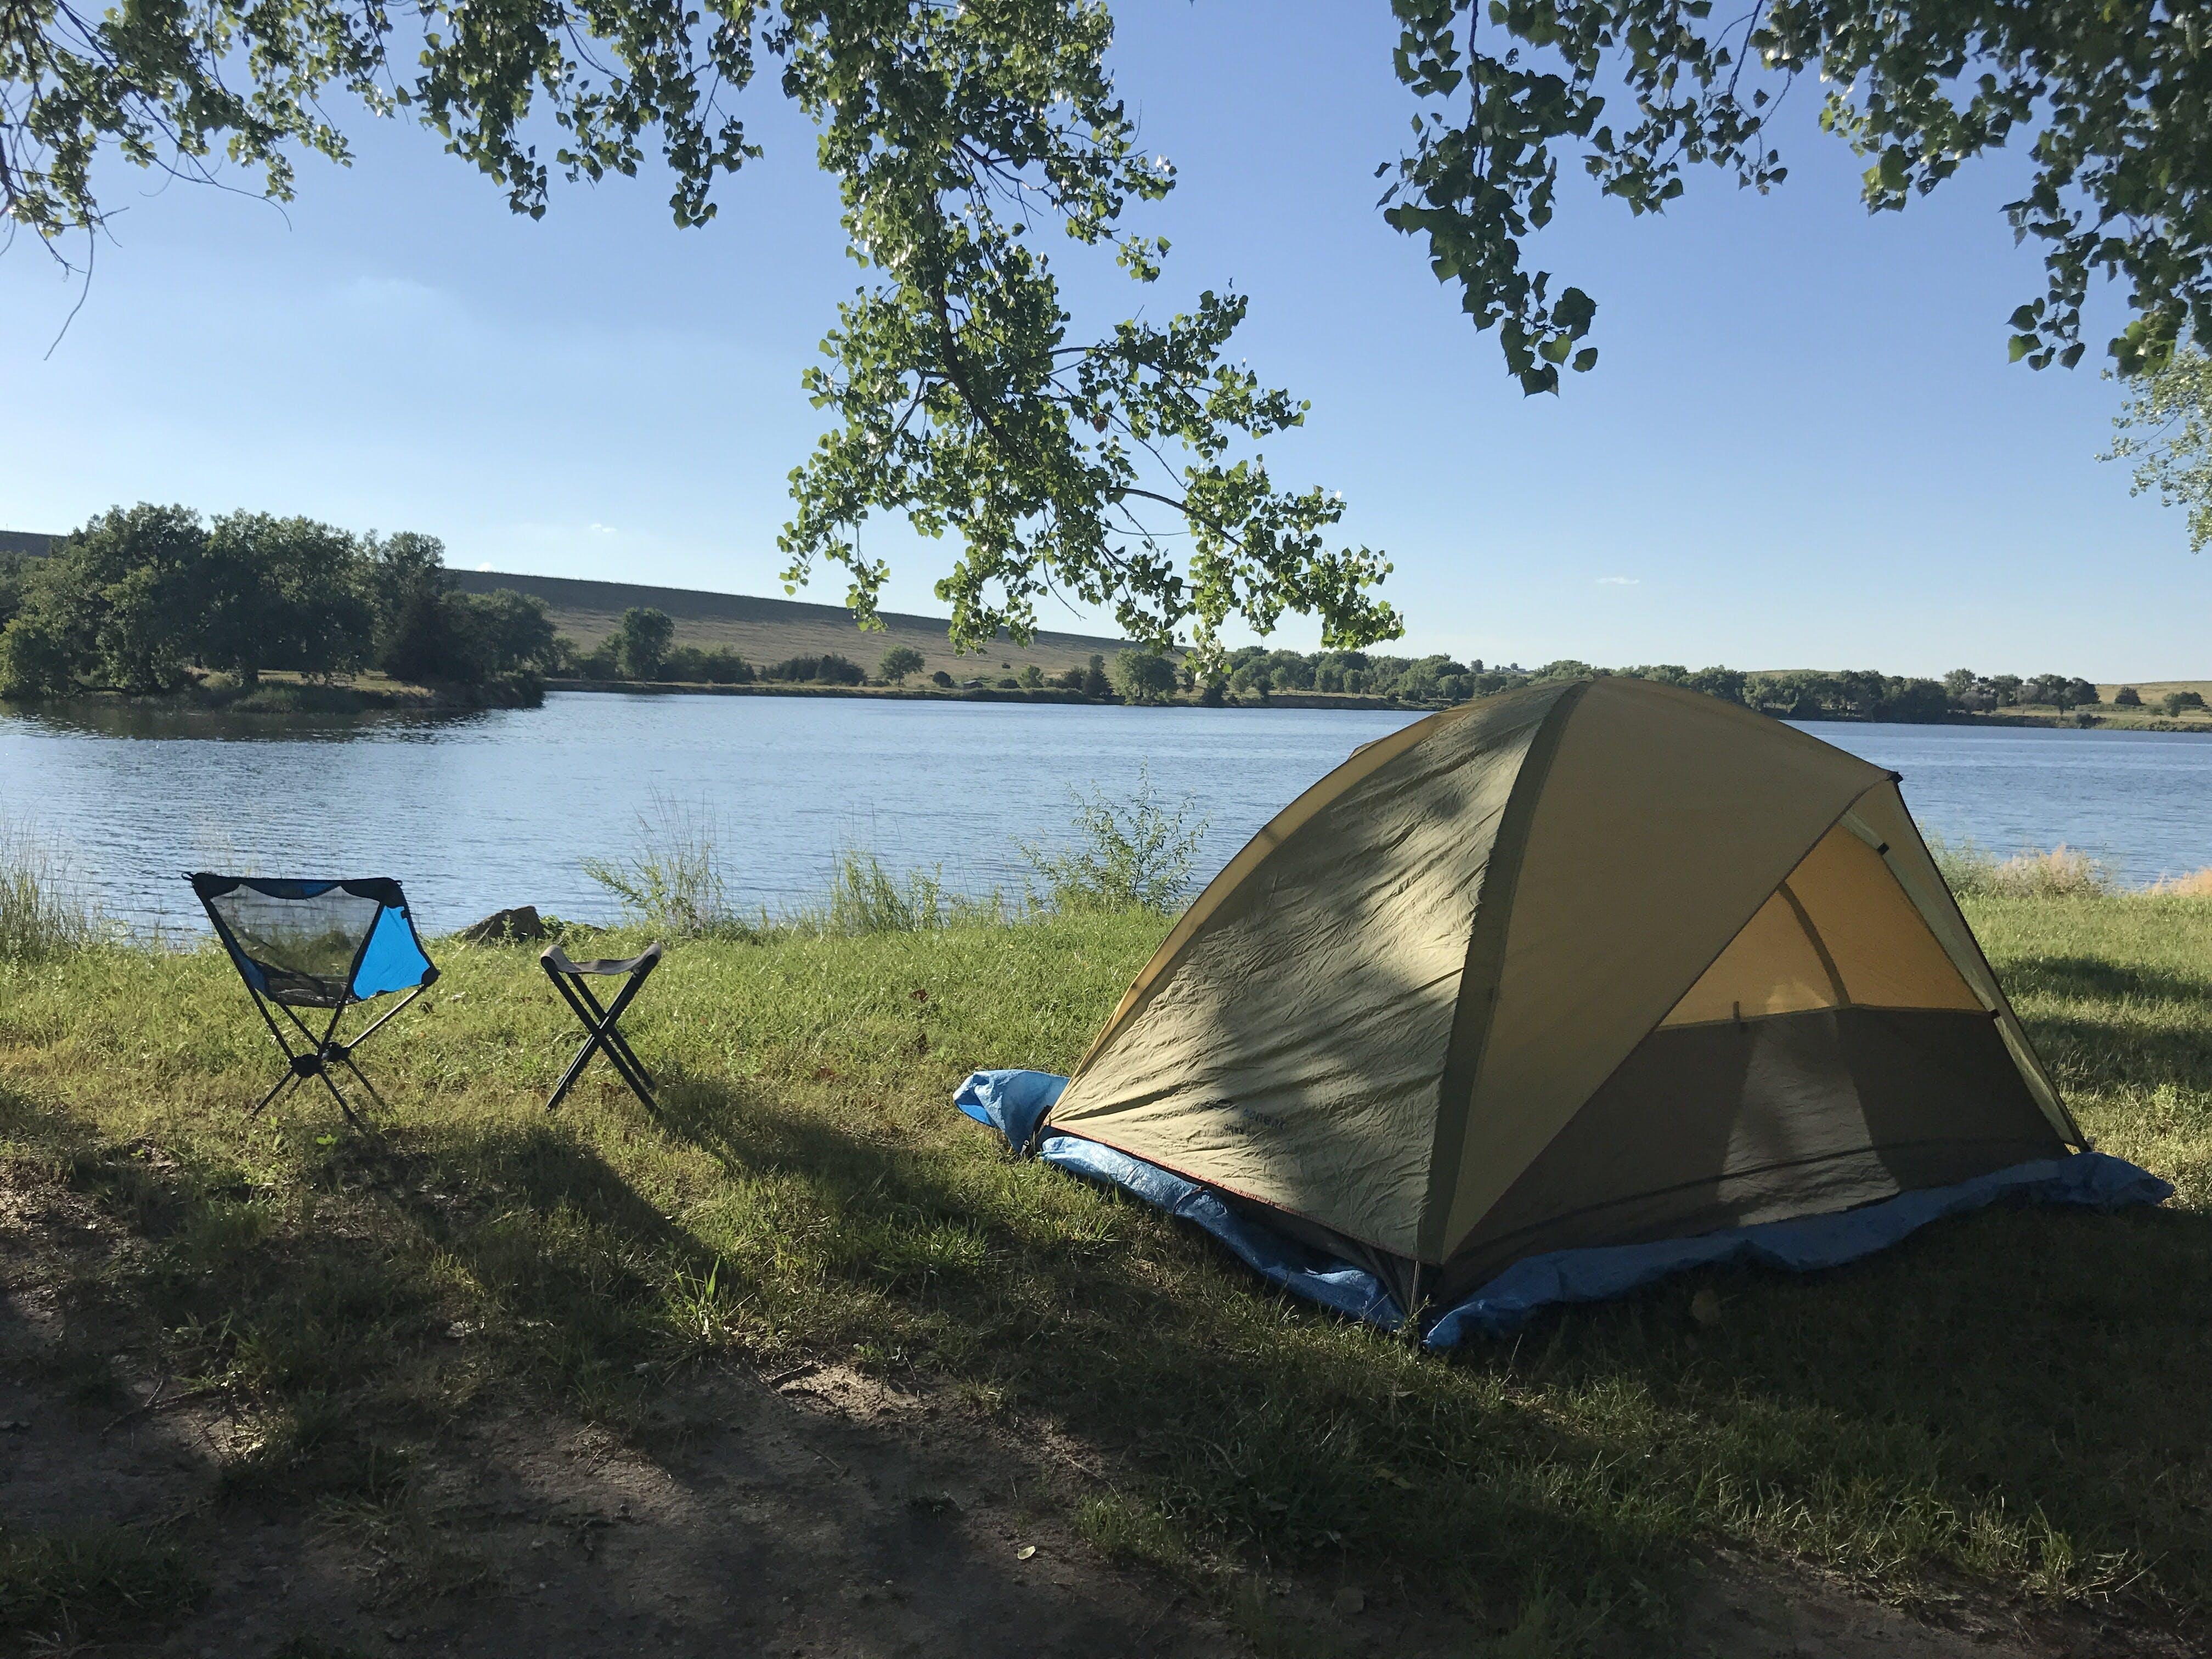 lake mcConaughy camping near shore